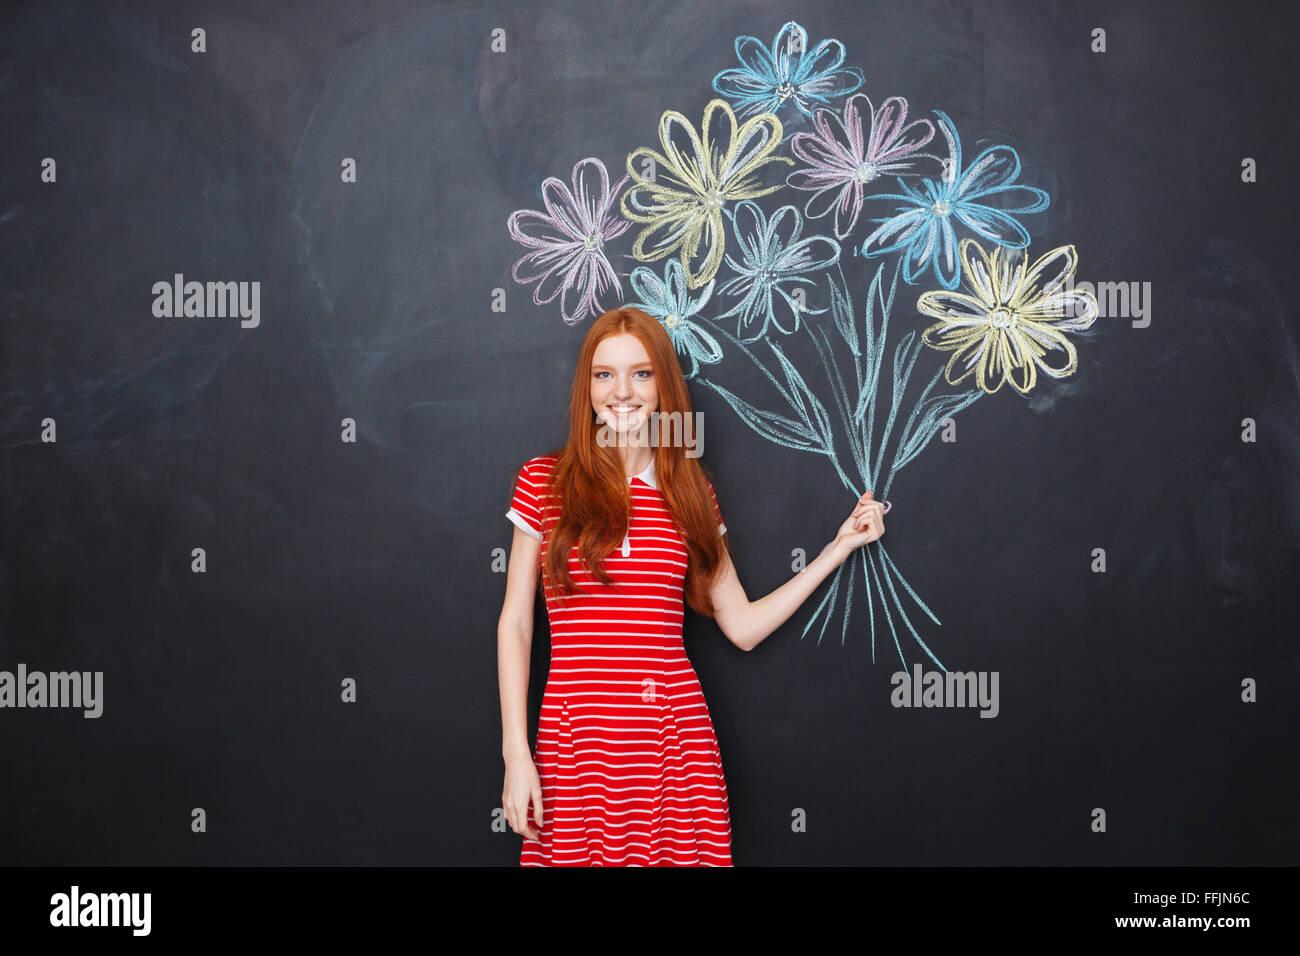 Lächelnde attraktive rothaarige junge Frau stehen und hält gezeichnete Blumenstrauß über Blackboard Stockbild